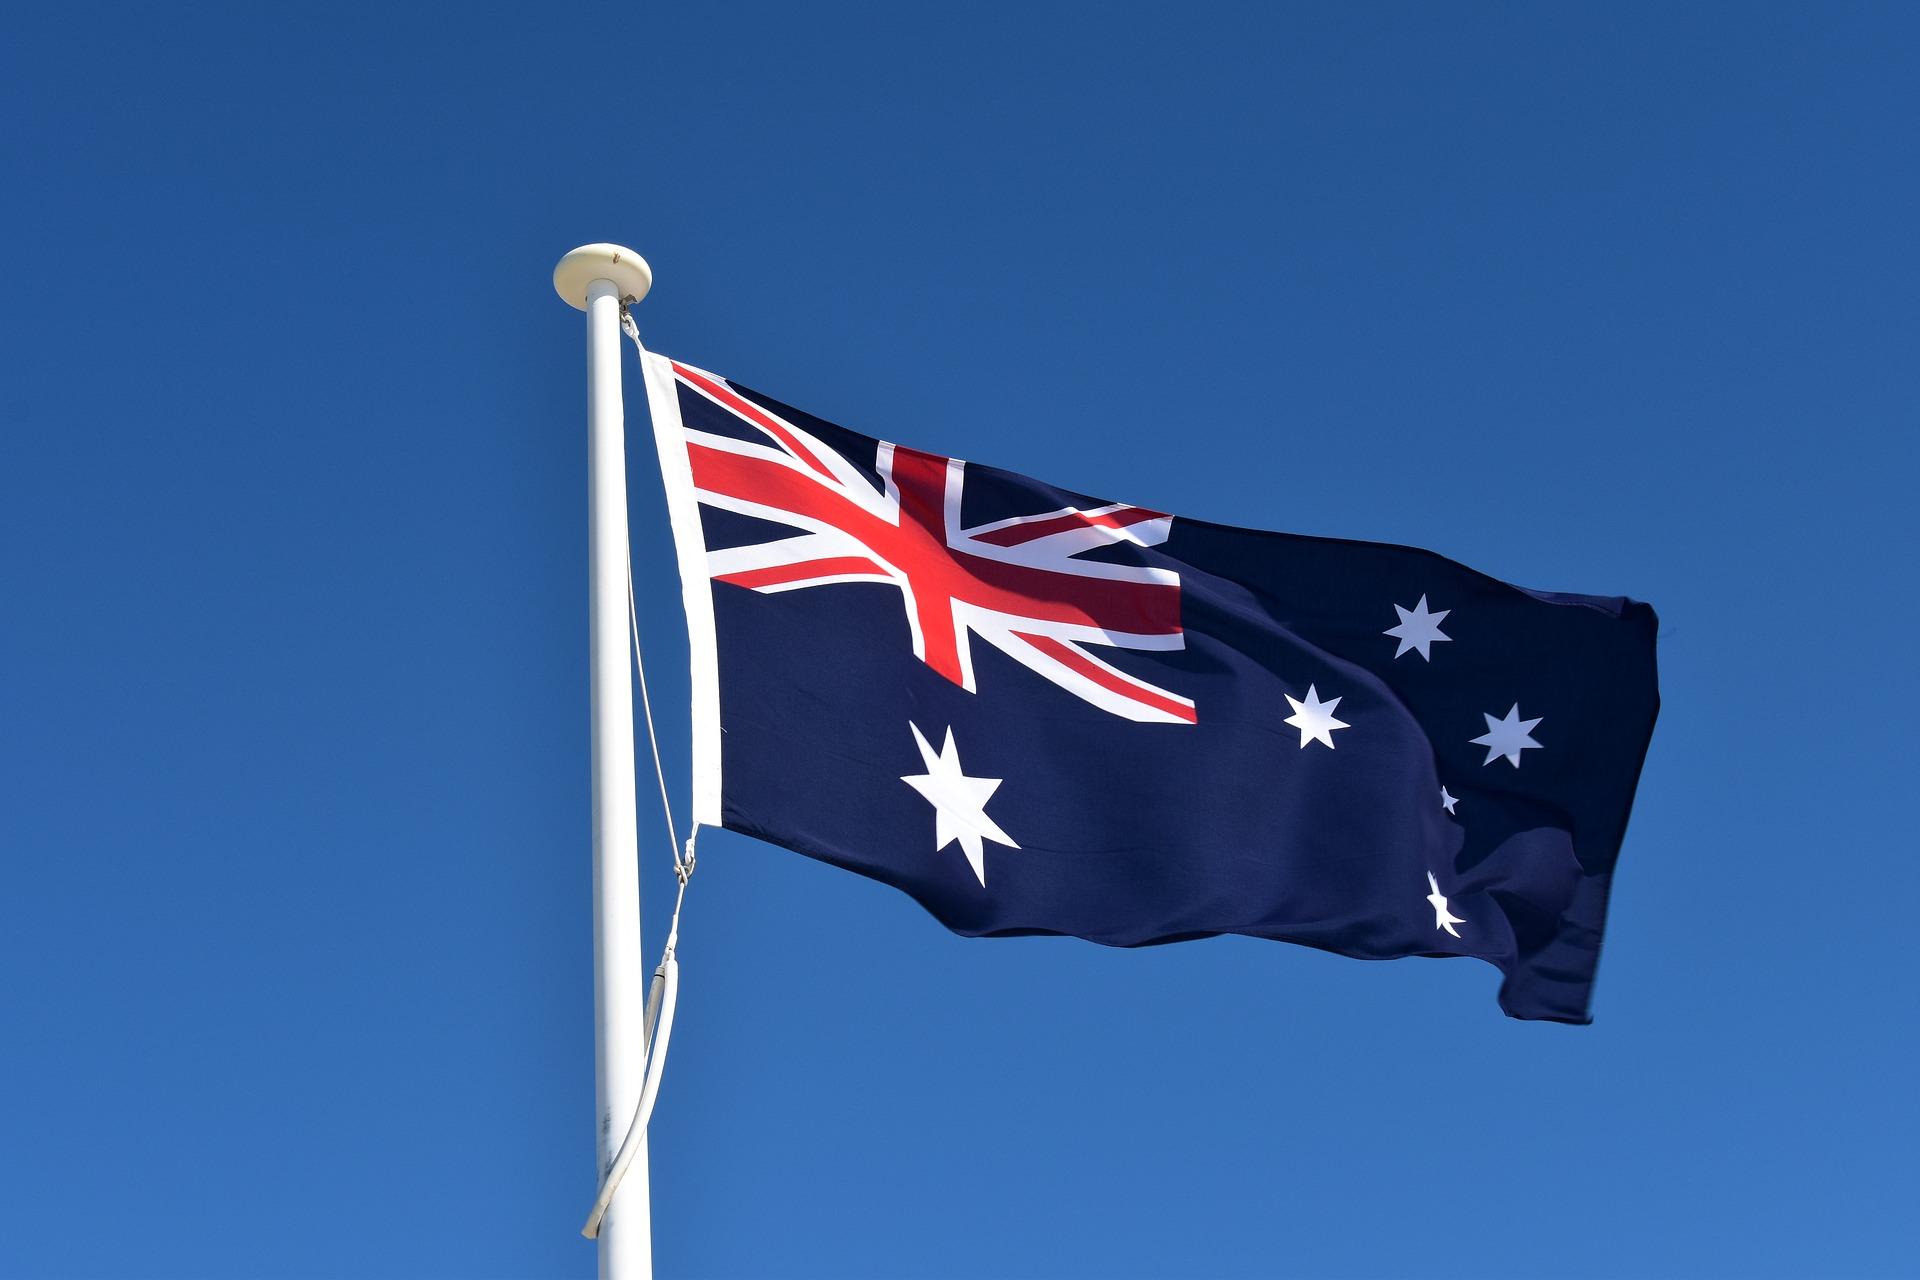 第37回 年金は税金?オーストラリアから考える社会保障【オーストラリア動画】